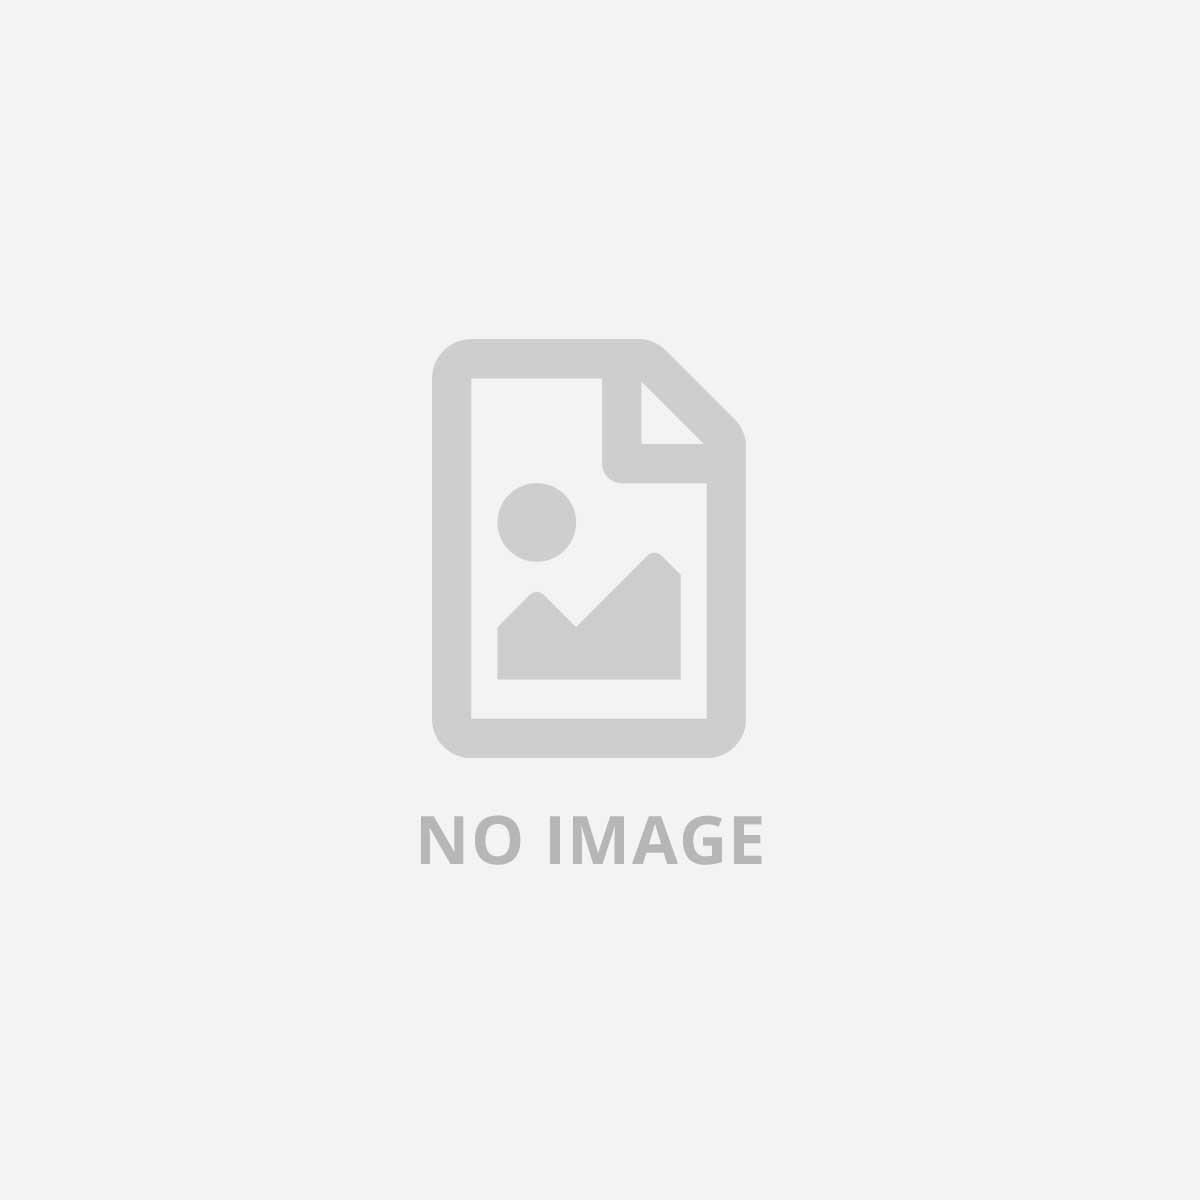 SONY LETTORE DVD DA 27CM + HDMI